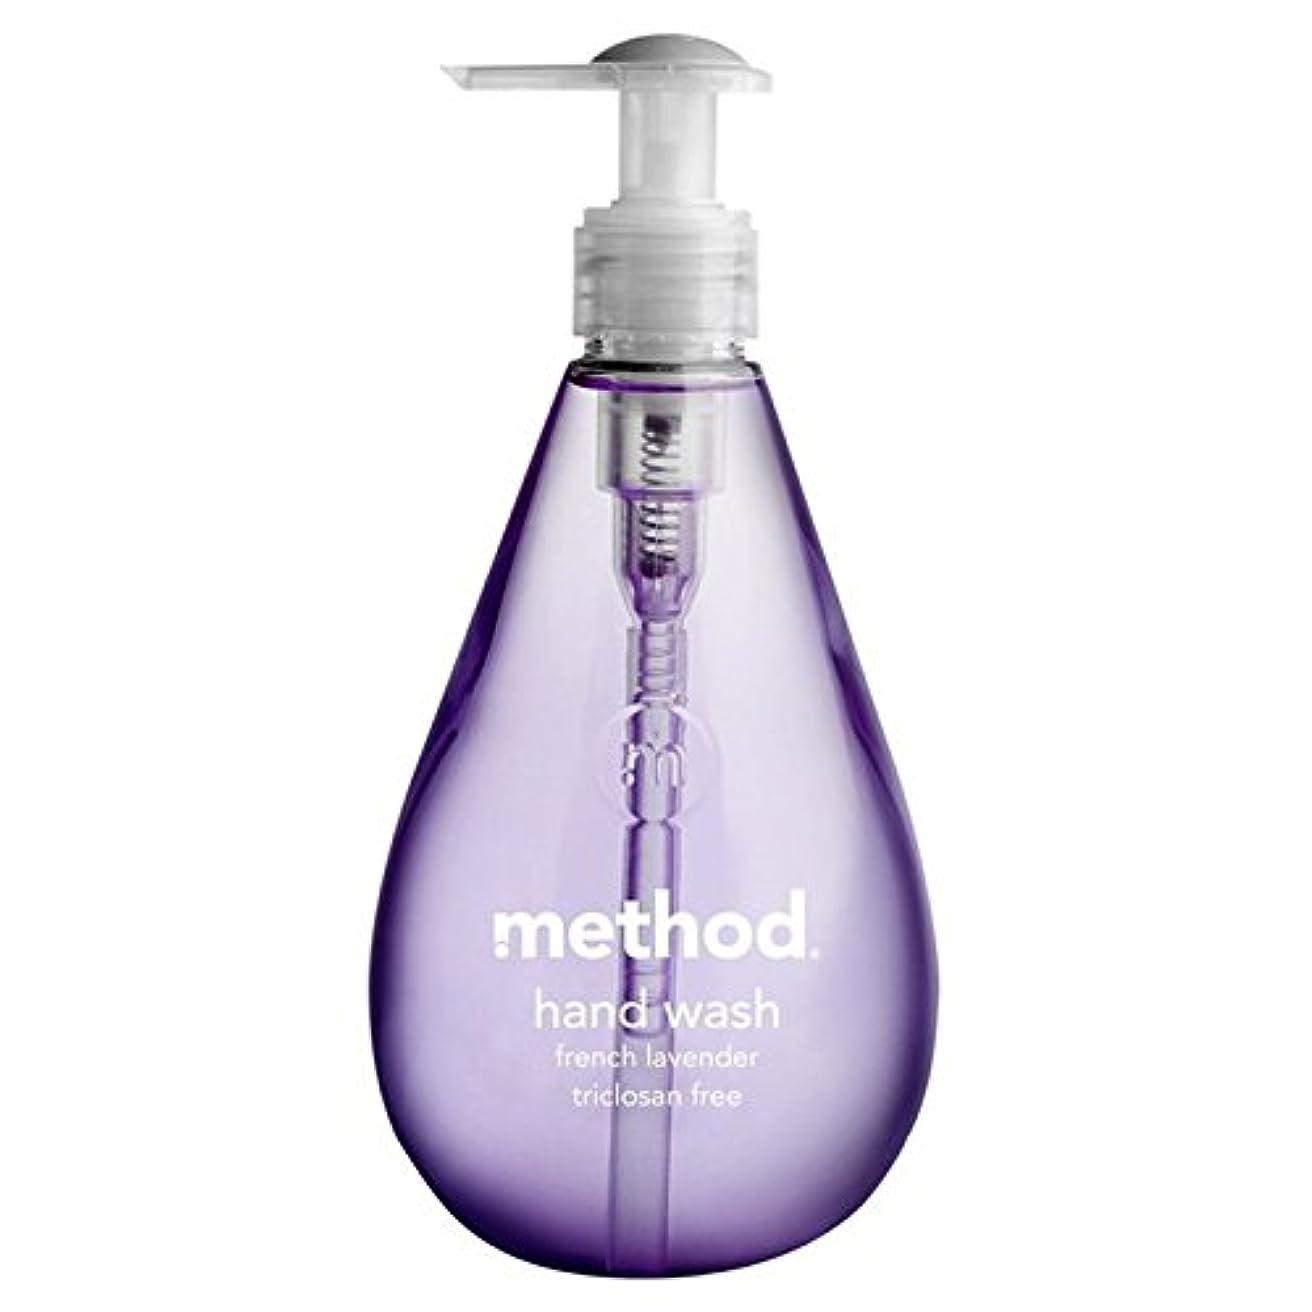 がんばり続ける粉砕する呼吸メソッドフレンチラベンダーの354ミリリットル x4 - Method French Lavender Handsoap 354ml (Pack of 4) [並行輸入品]